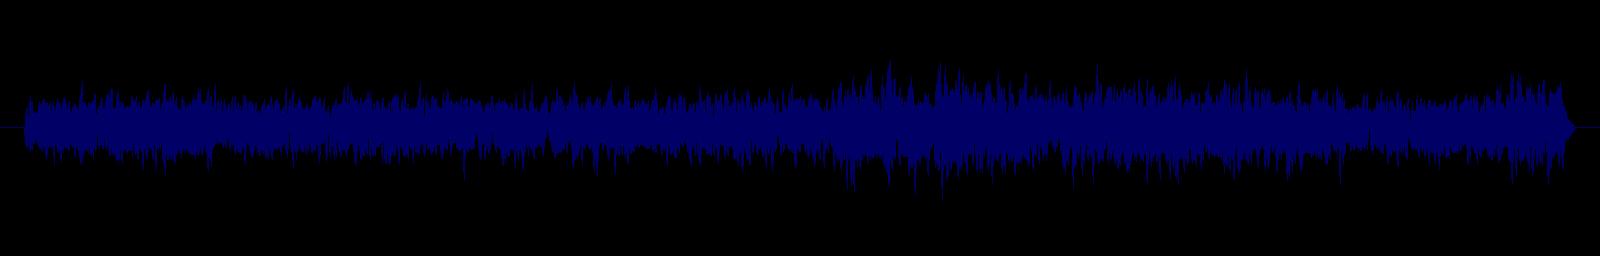 waveform of track #118972